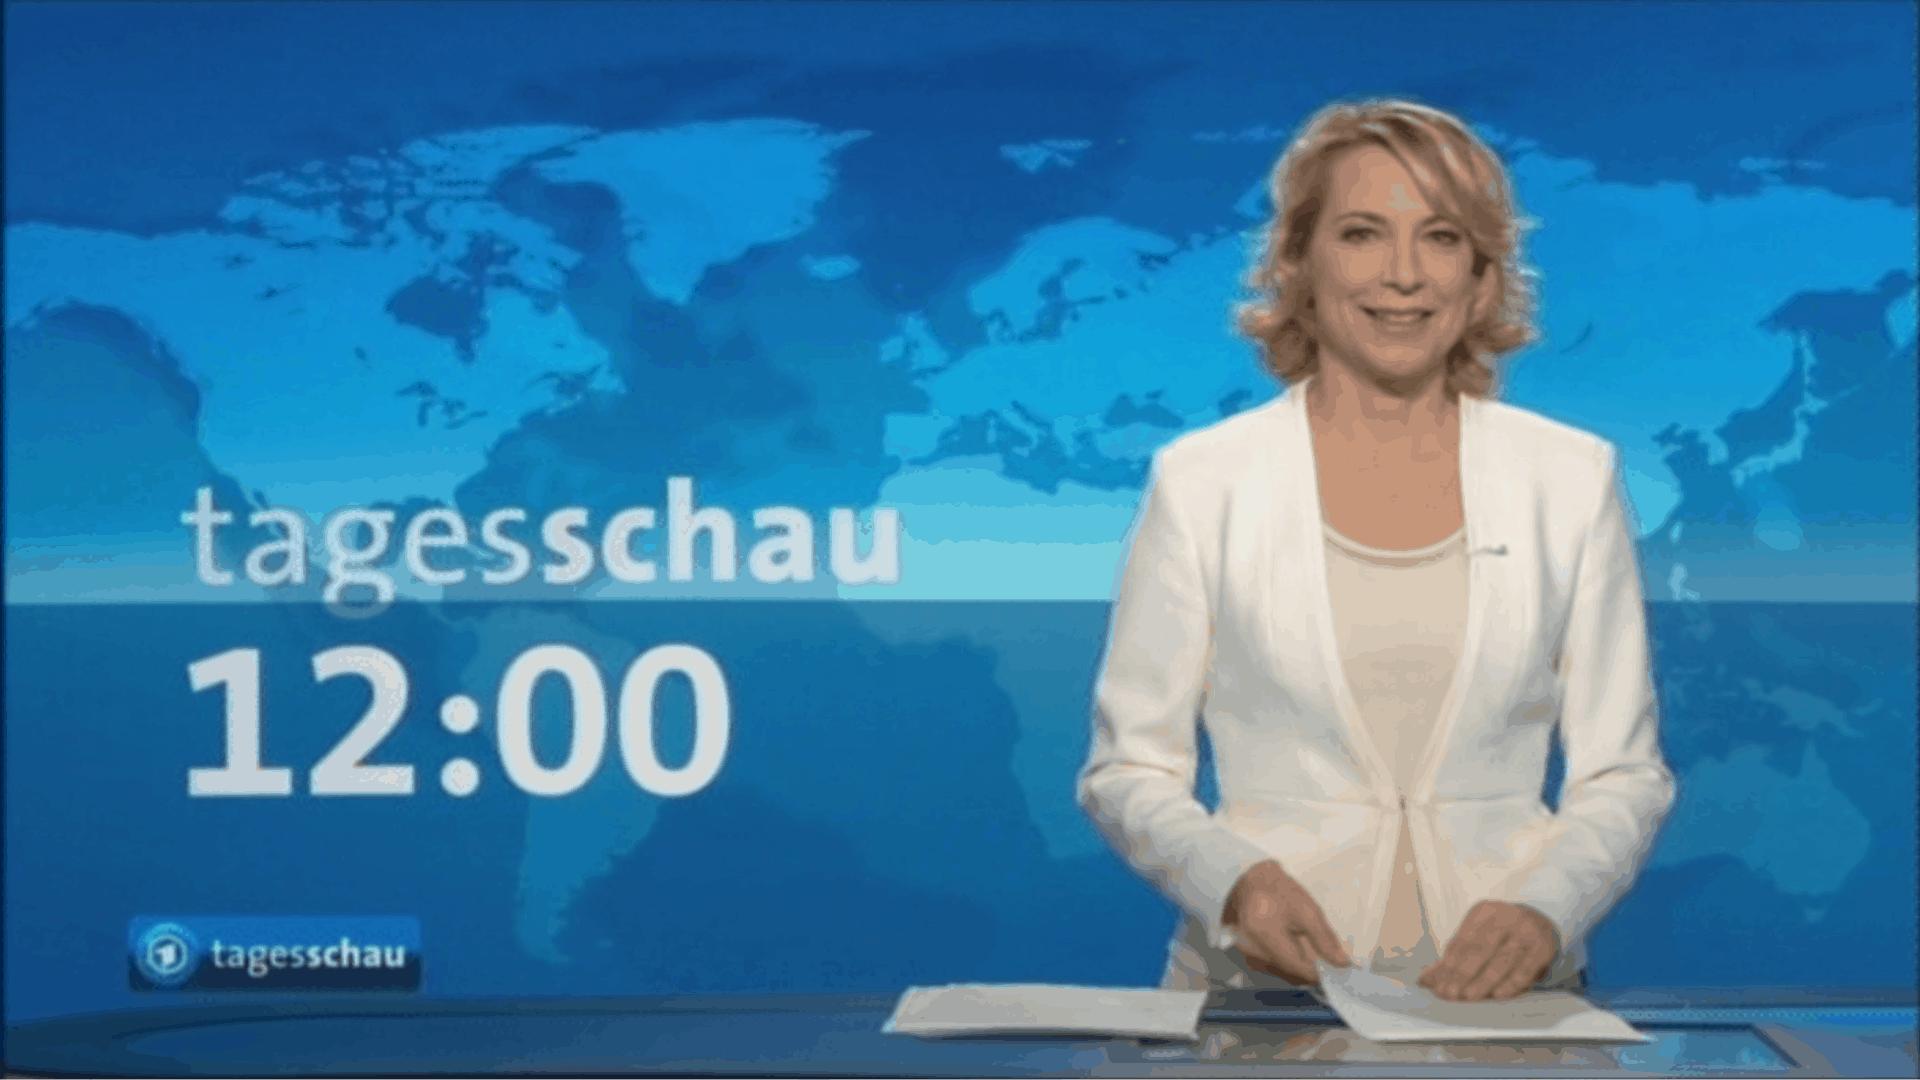 Tv moderatorin tagesschau f r nachrichten magazine for Nachrichten magazin